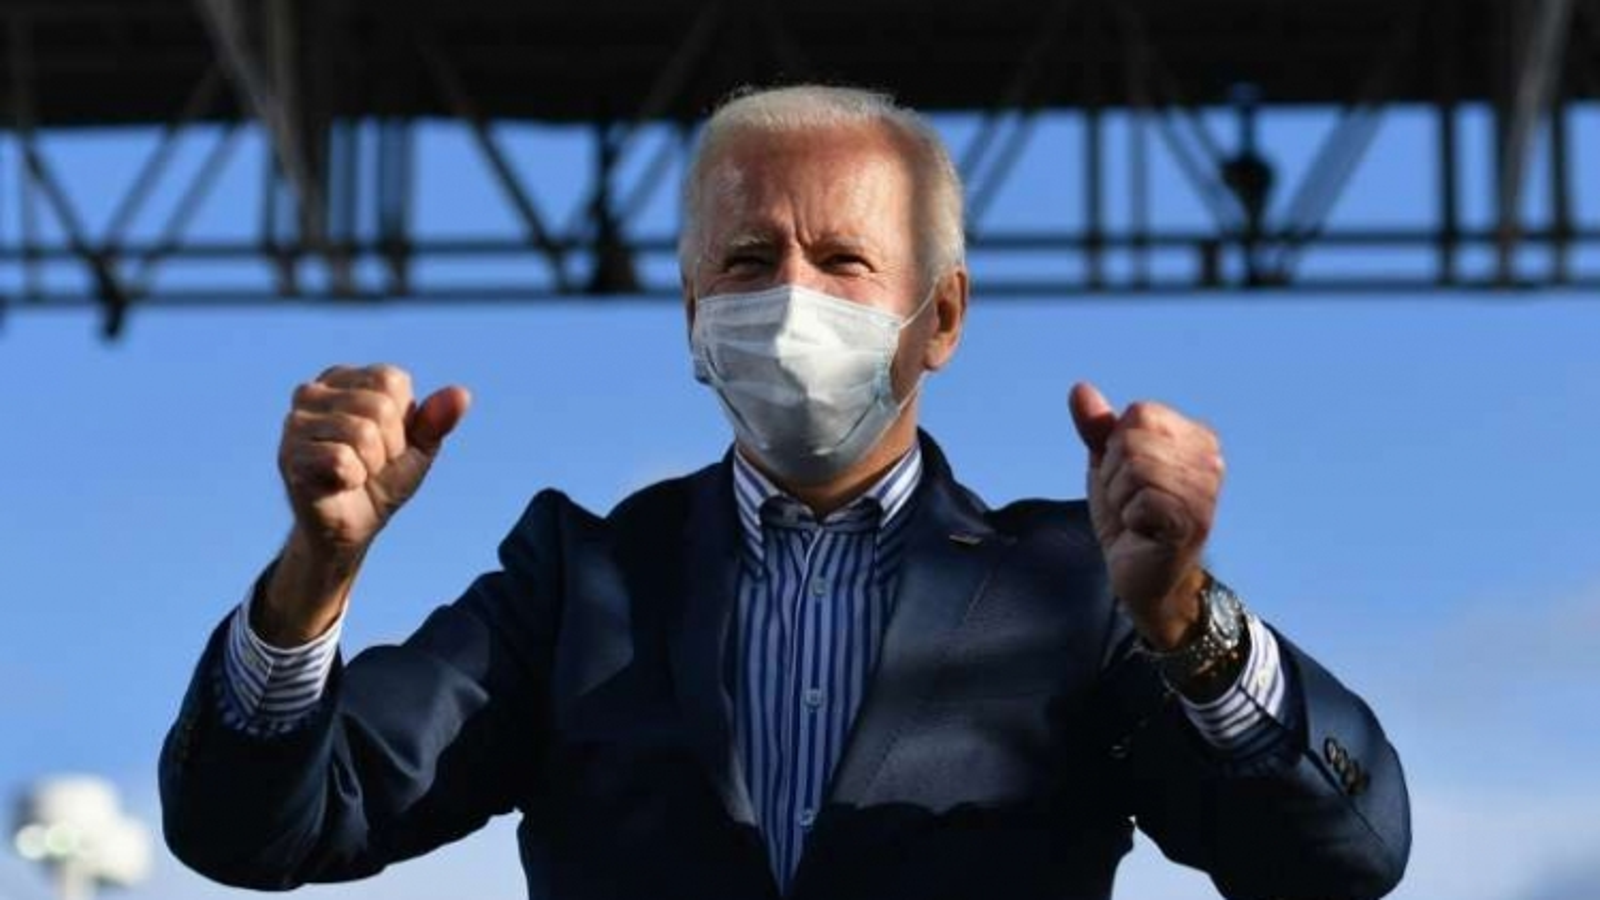 Joe Biden có trở thành tổng thống một nhiệm kỳ của Mỹ?